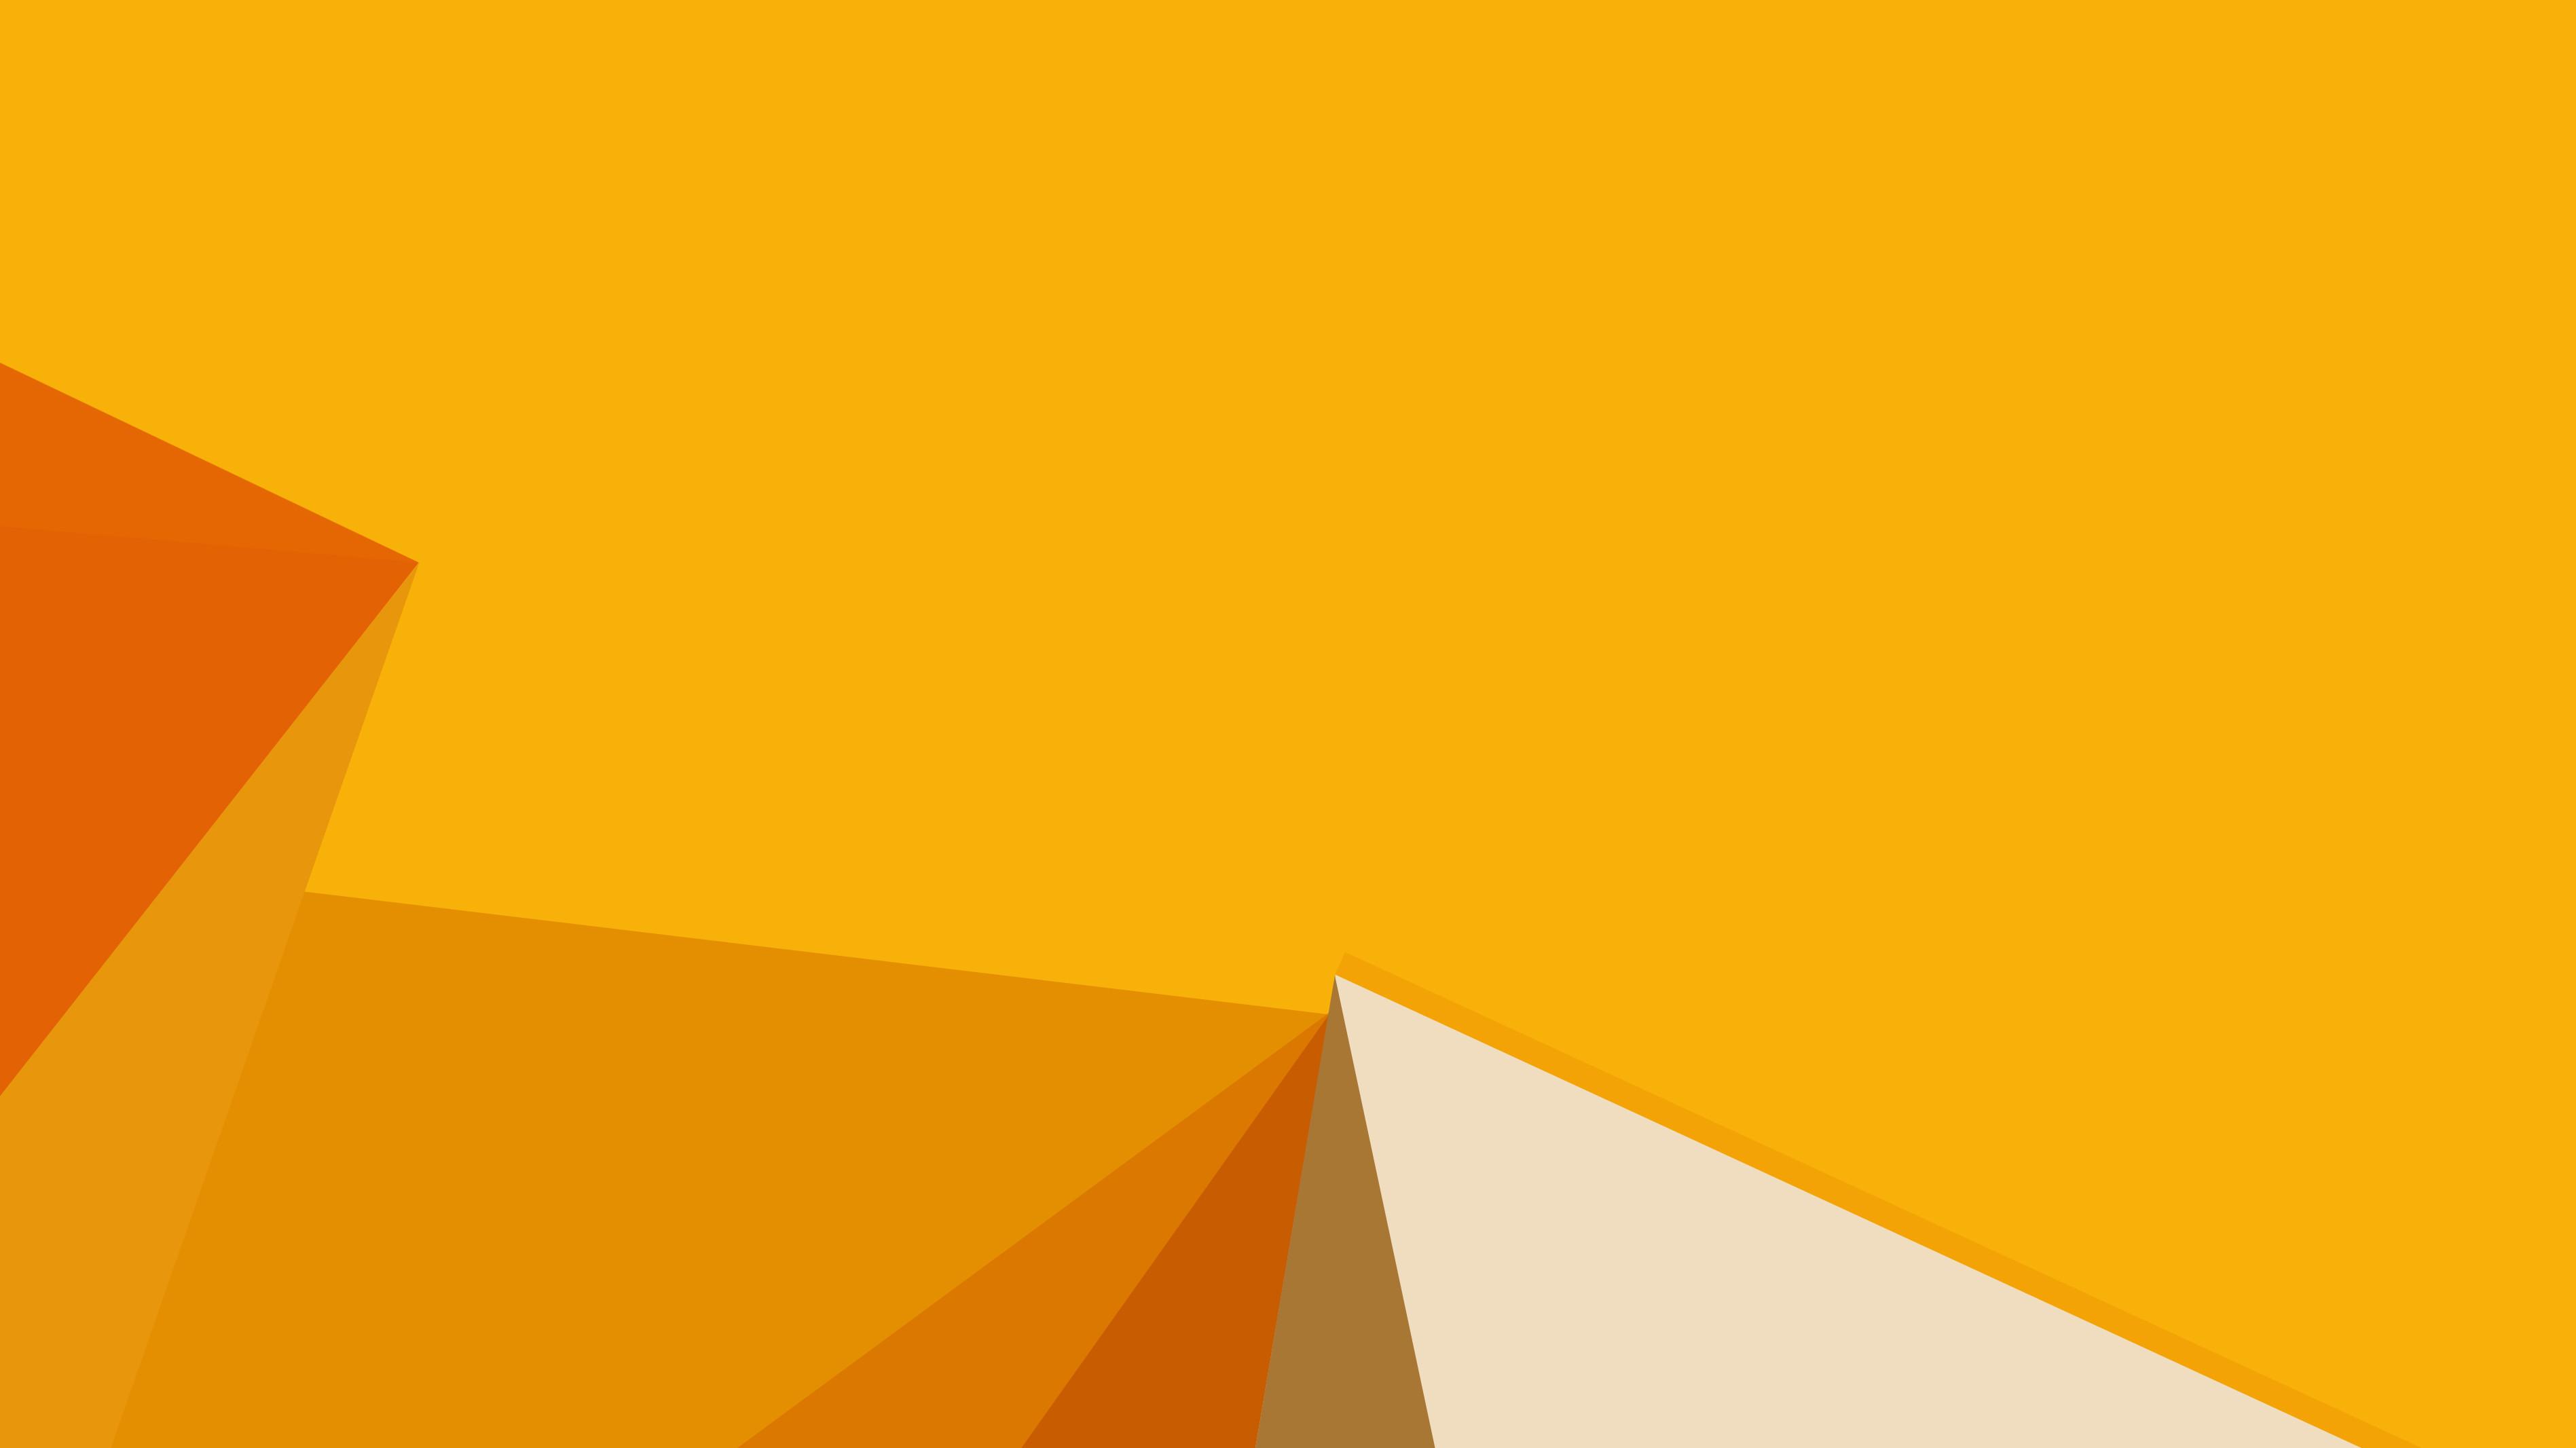 Minimalist Wallpaper Dump